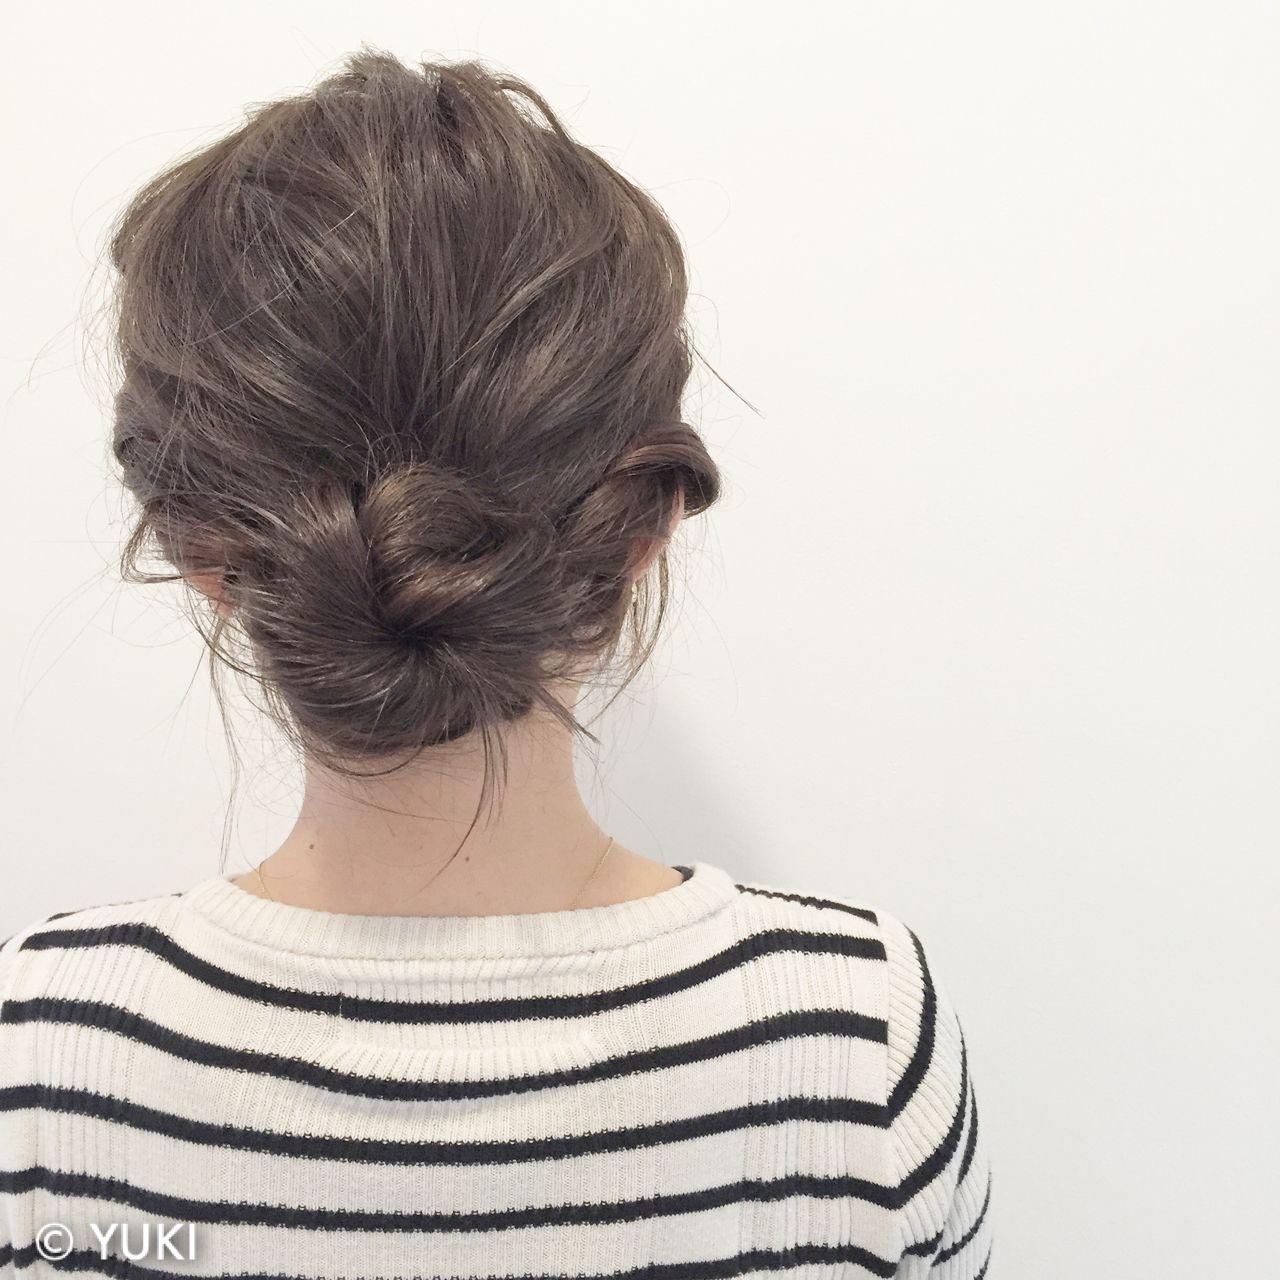 ツイスト ミディアム ゆるふわ 波ウェーブ ヘアスタイルや髪型の写真・画像